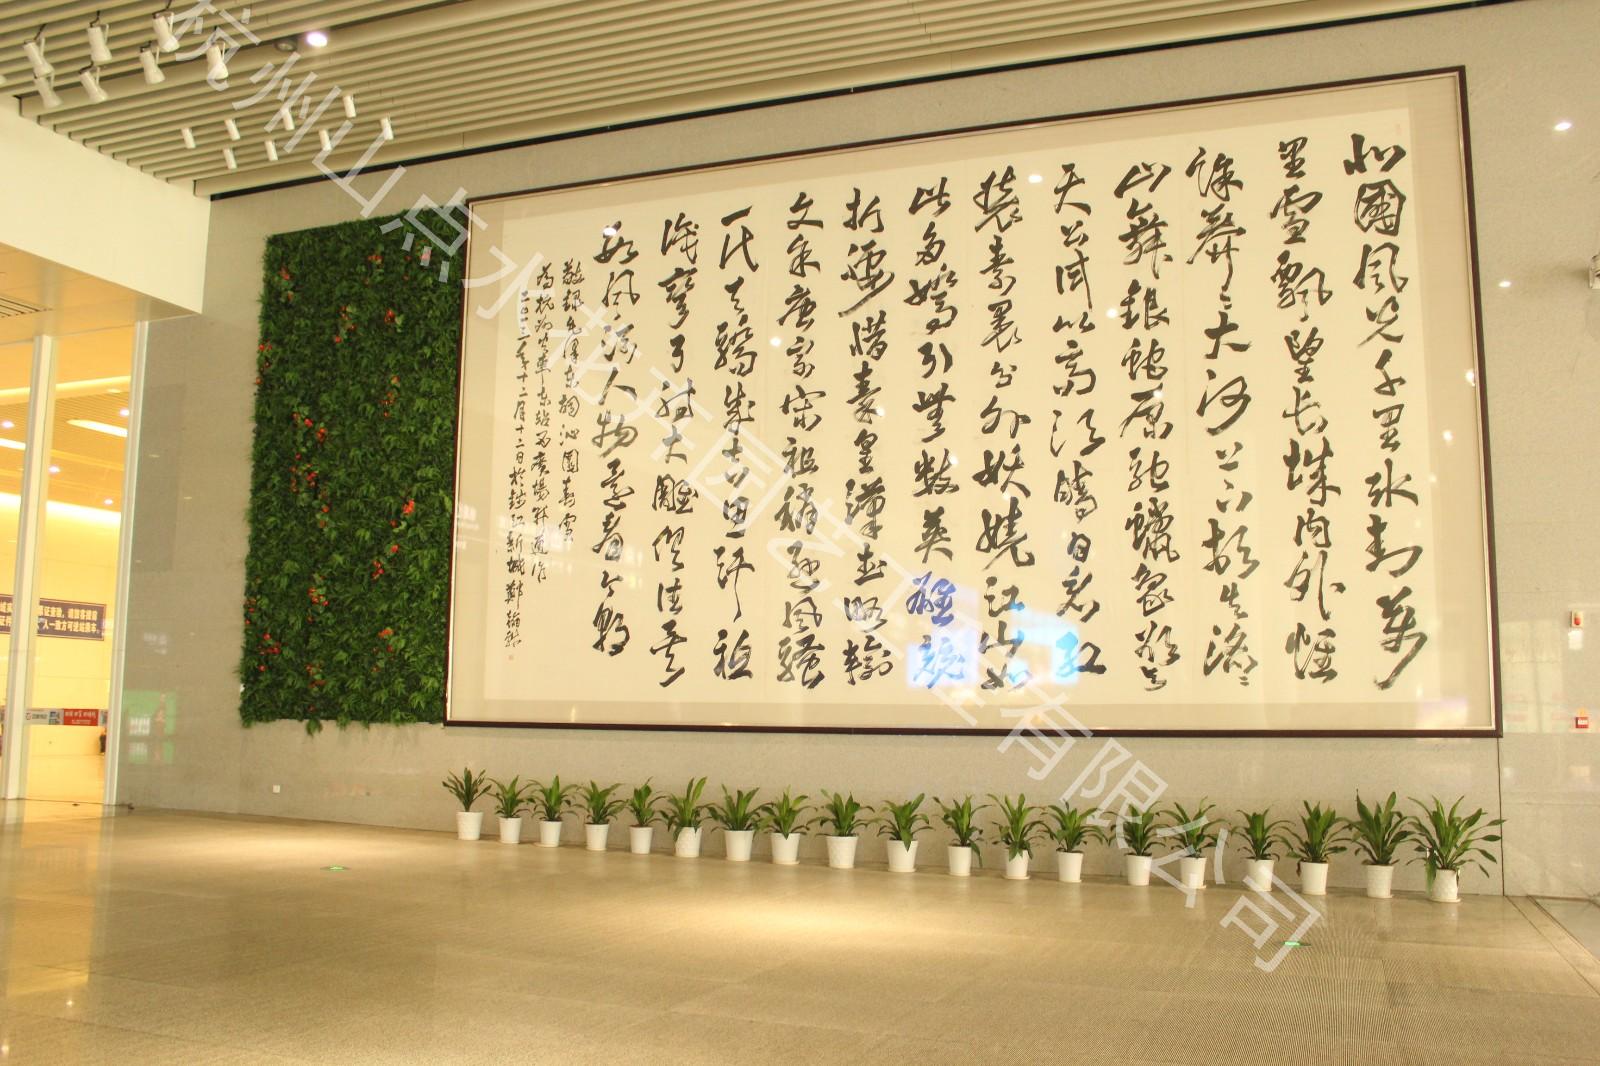 立体绿化 仿真植物墙-杭州山点水花卉租赁园艺工程有限公司